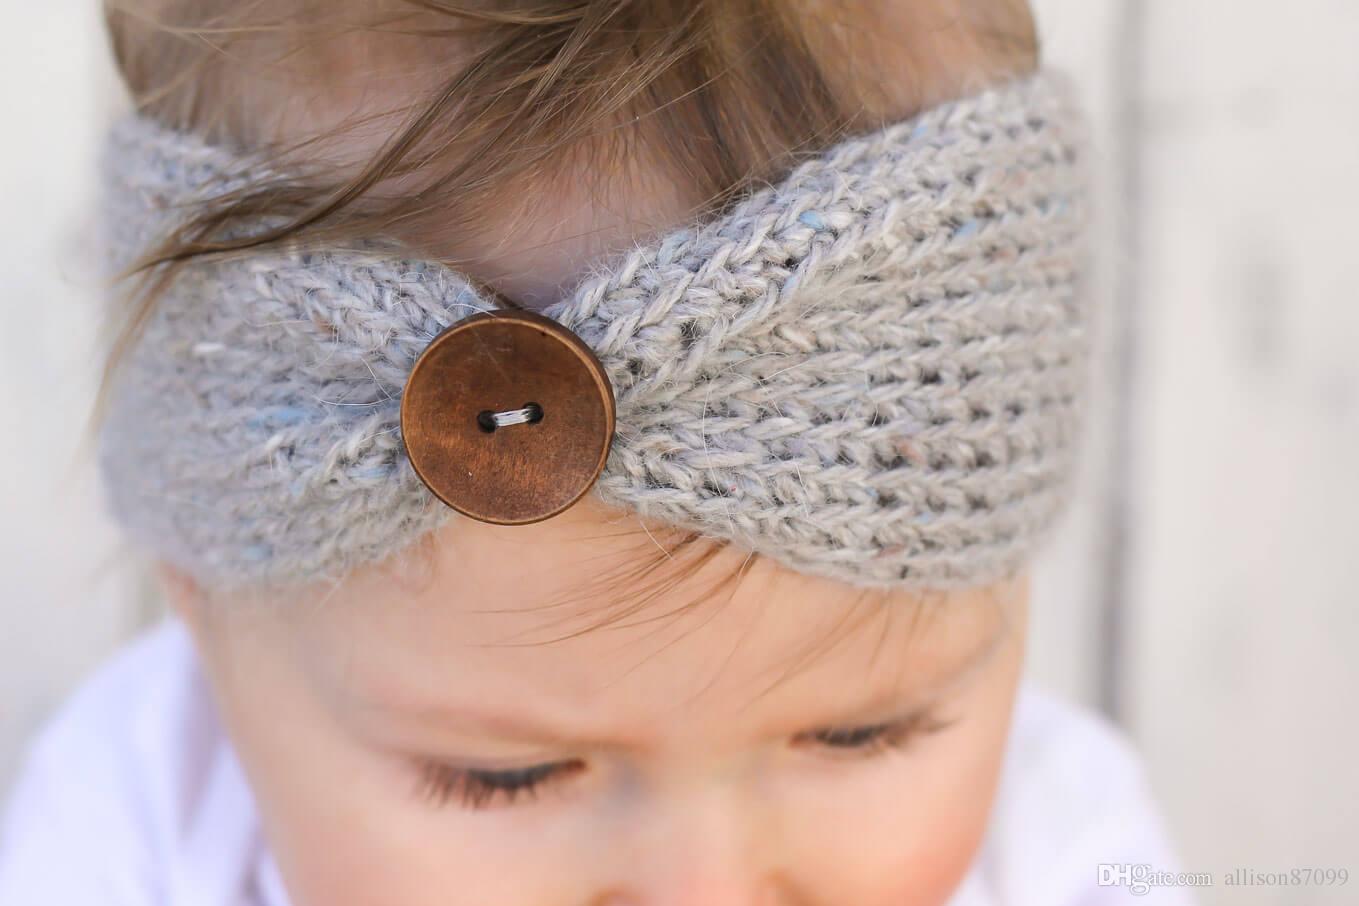 Onsale neue Baby-Mädchen-Art- und Weisewollhäkelarbeit-Stirnband stricken Hairband mit Knopf-Dekor 10 Farben-Winter-neugeborener Säuglingsohr-Wärmer-Kopf Headwrap